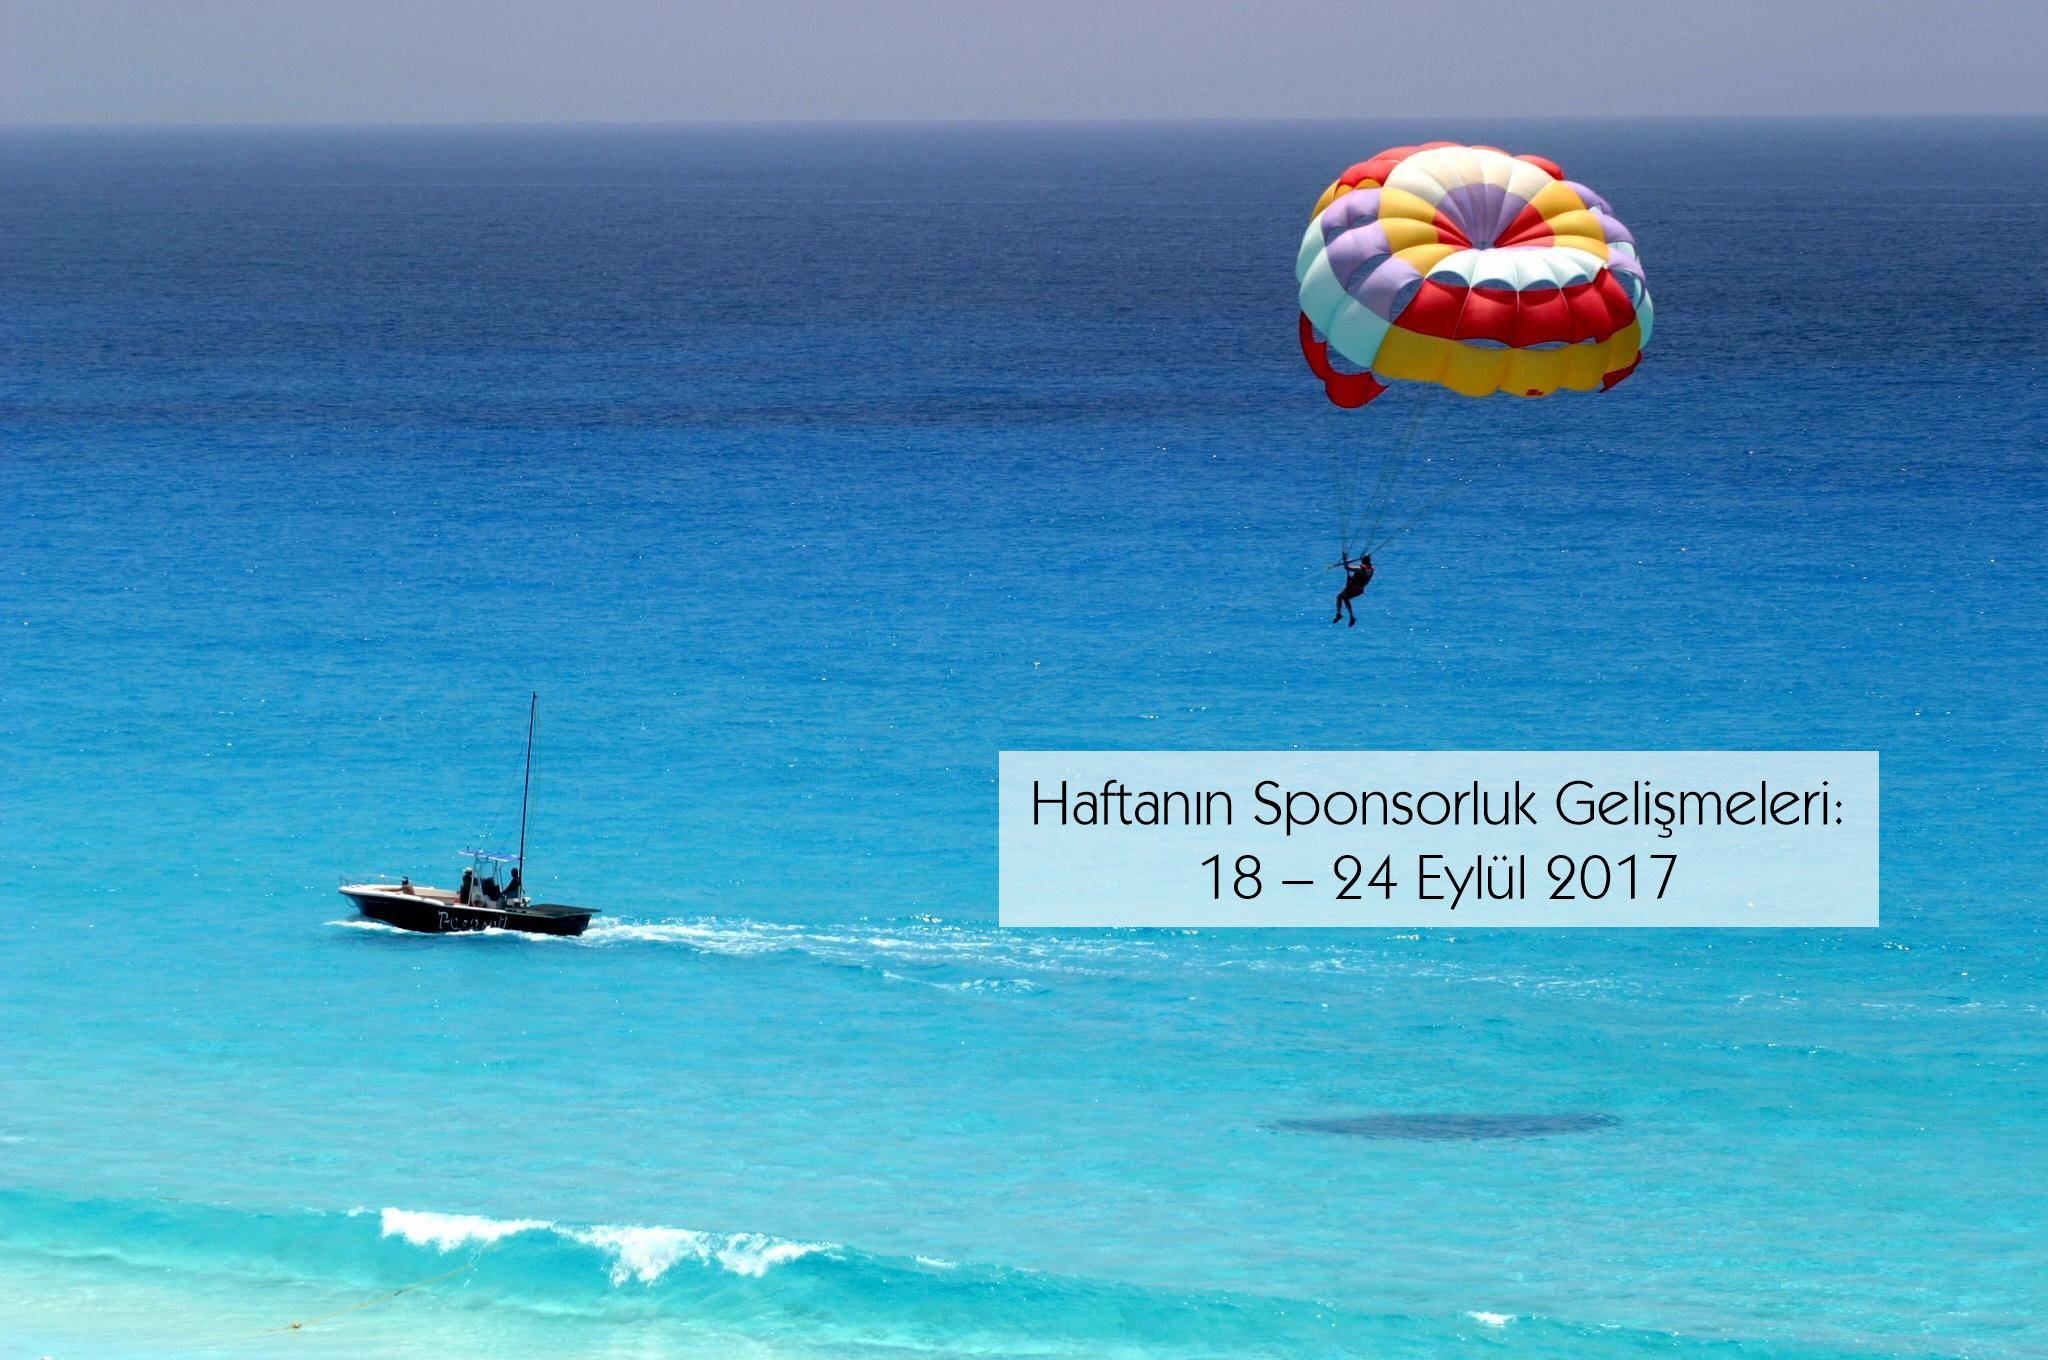 Haftanın Sponsorluk Gelişmeleri: 18 – 24 Eylül 2017